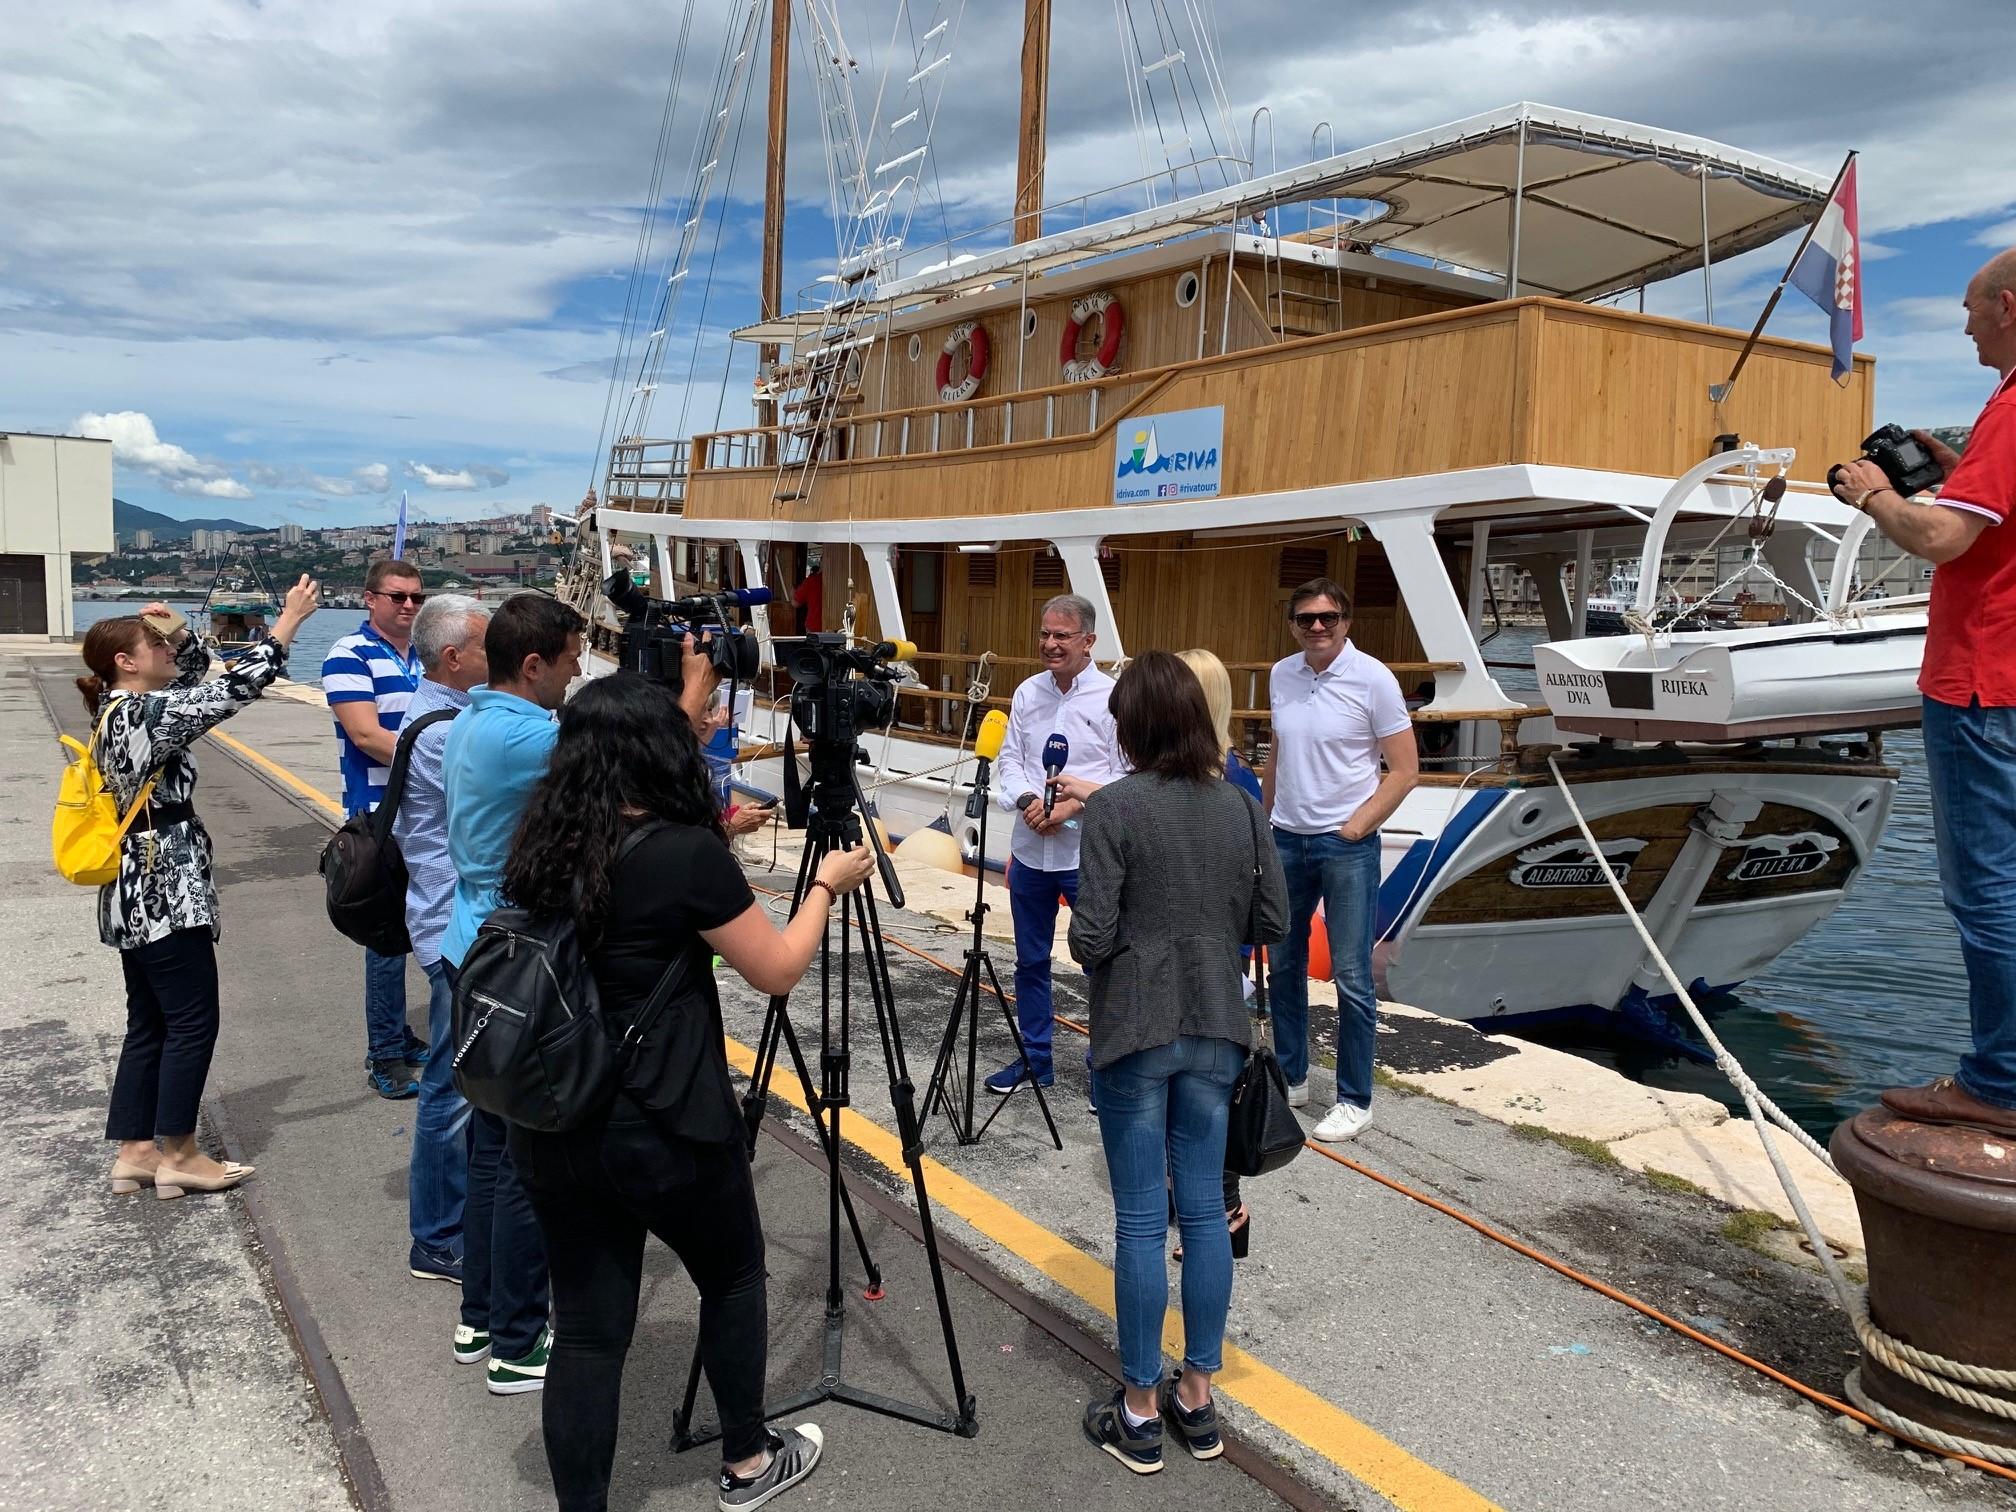 Krenulo krstarenje turističkih brodova iz riječke luke